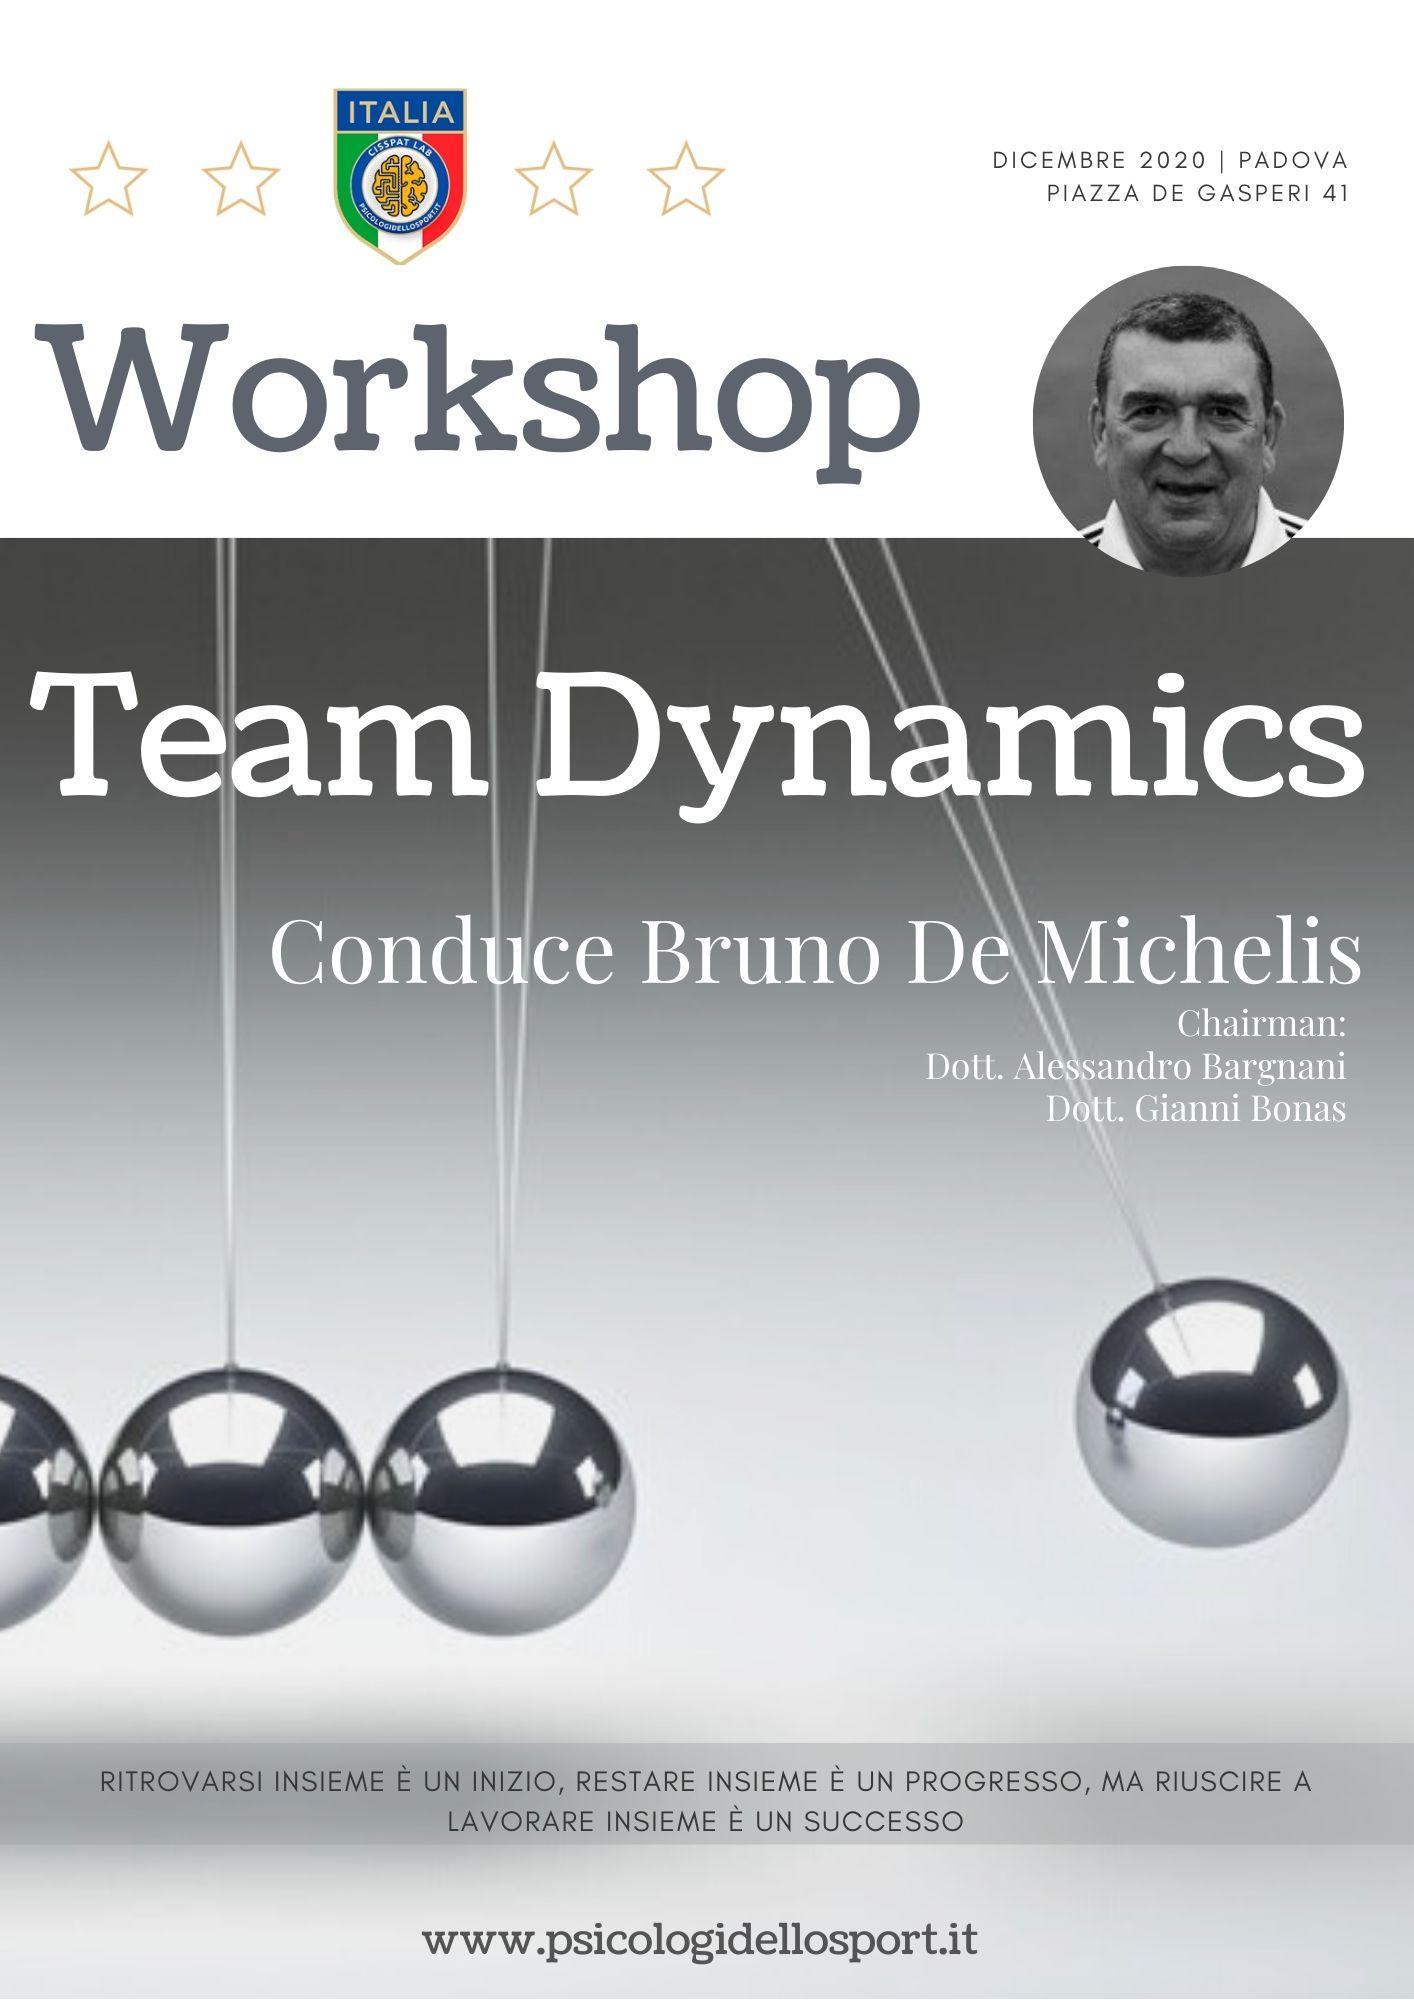 Team Dynamics bruno de michelis alessandro bargnani gianni bonas psicologi dello sport psicologia applicata